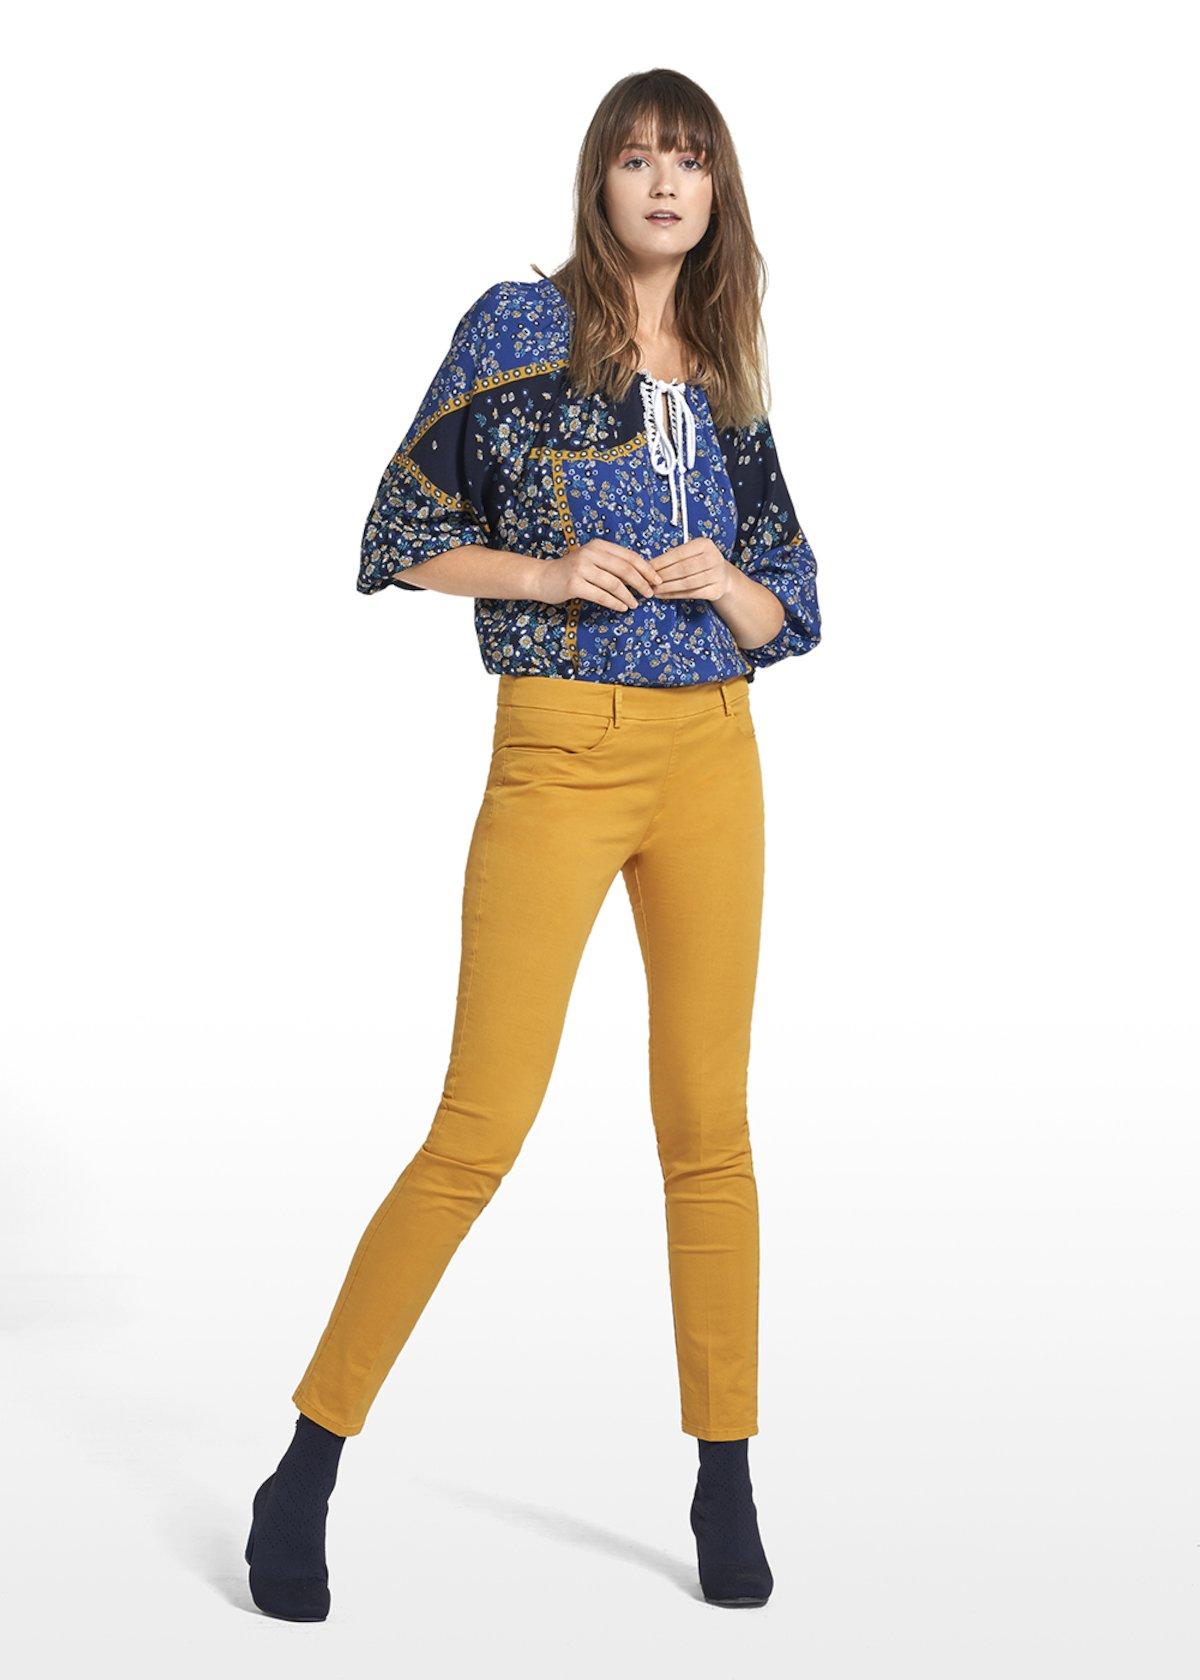 Pantaloni Pietro modello scarlett - Miele - Donna - Immagine categoria